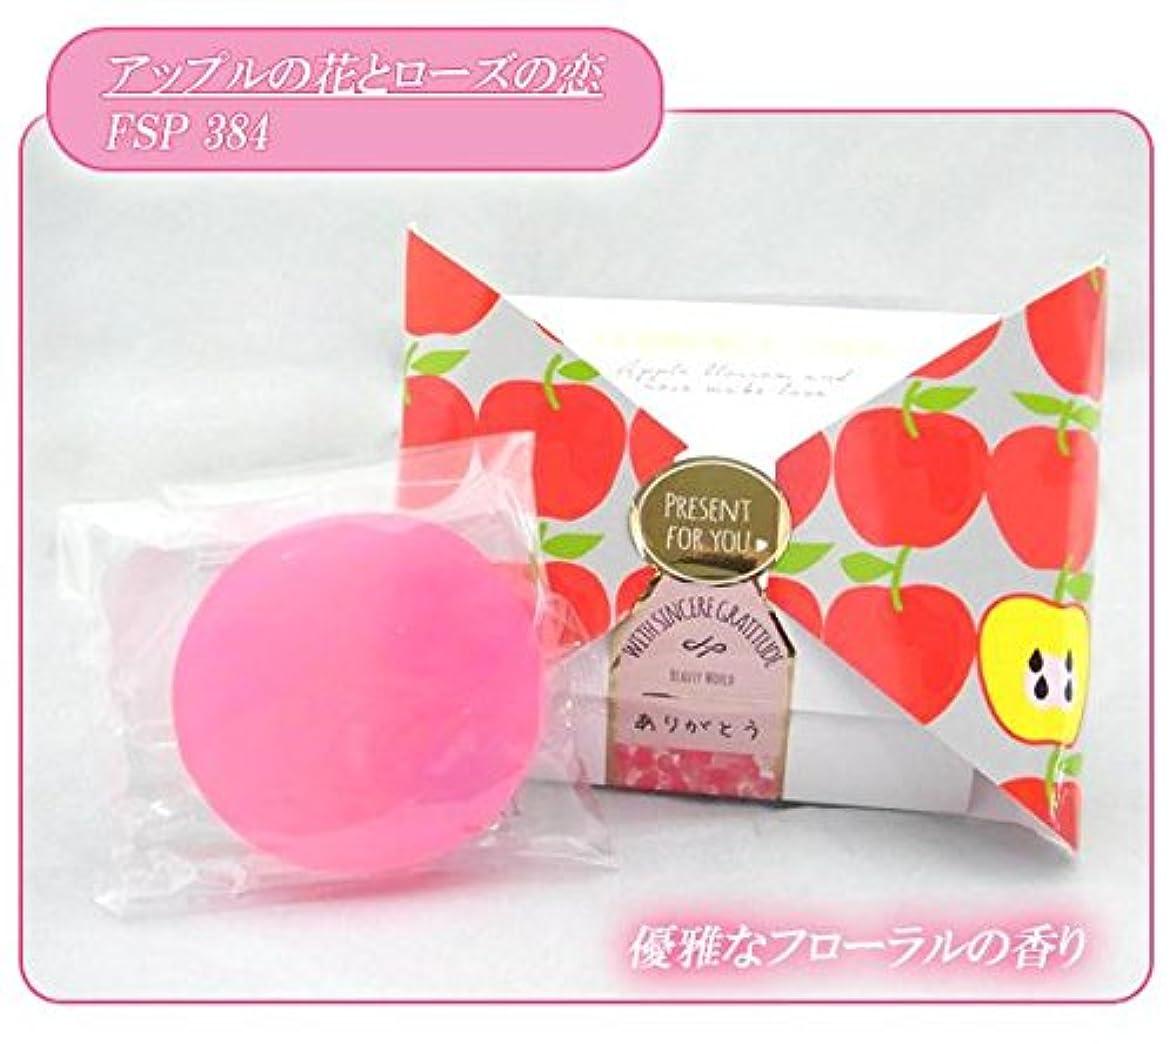 人工出版ベールビューティーワールド BWフローレンスの香り石けん リボンパッケージ 6個セット アップルの花とローズの恋